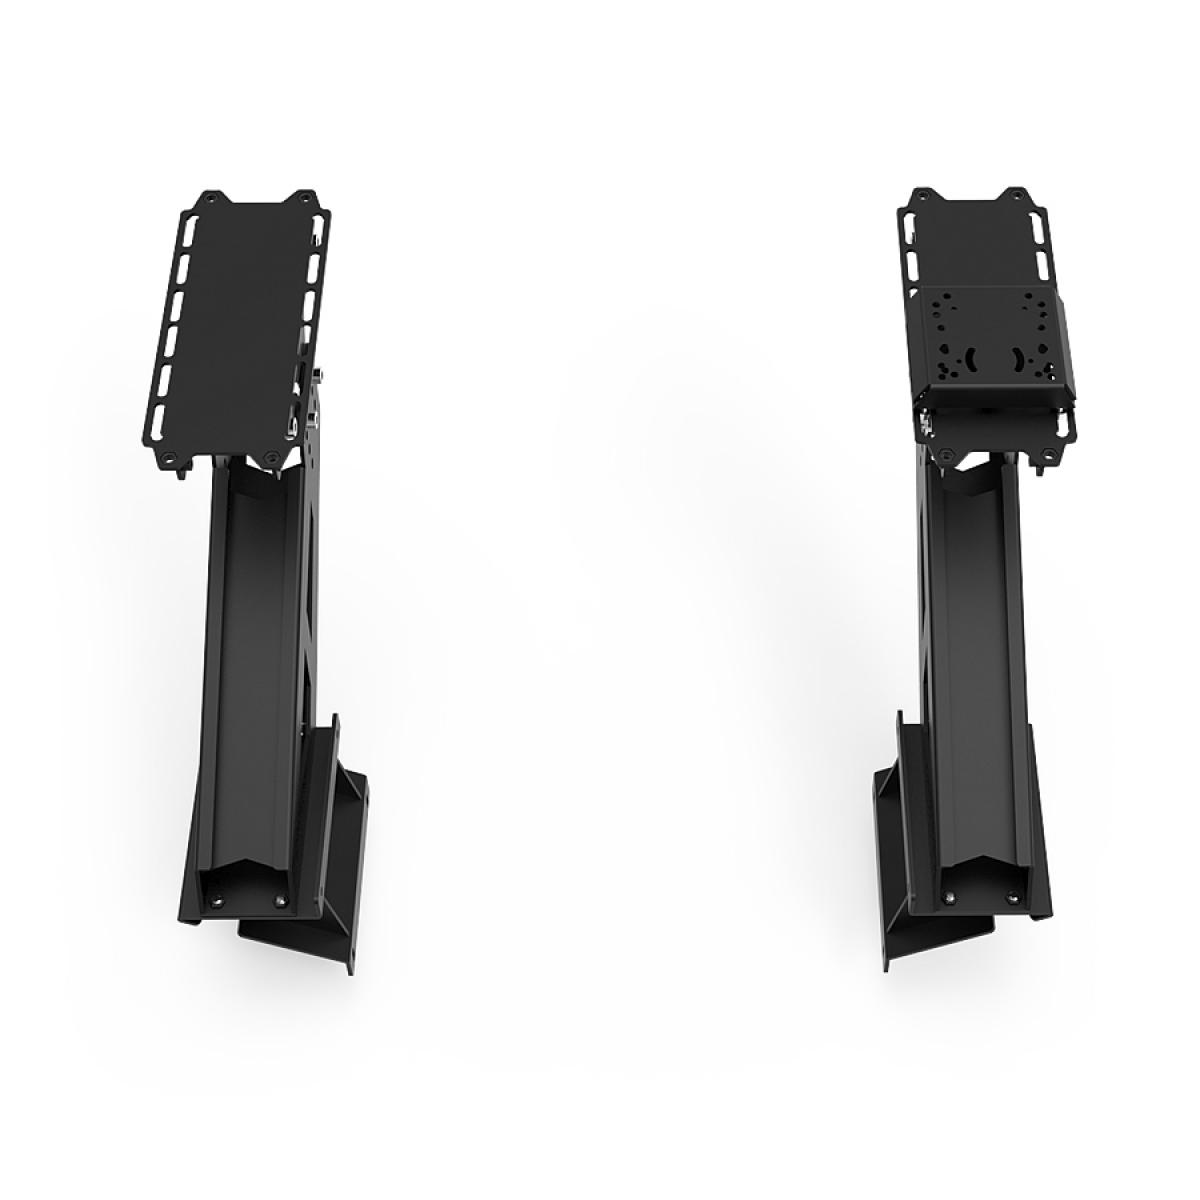 RSEAT S1 Flight Mount Upgrade kit Black